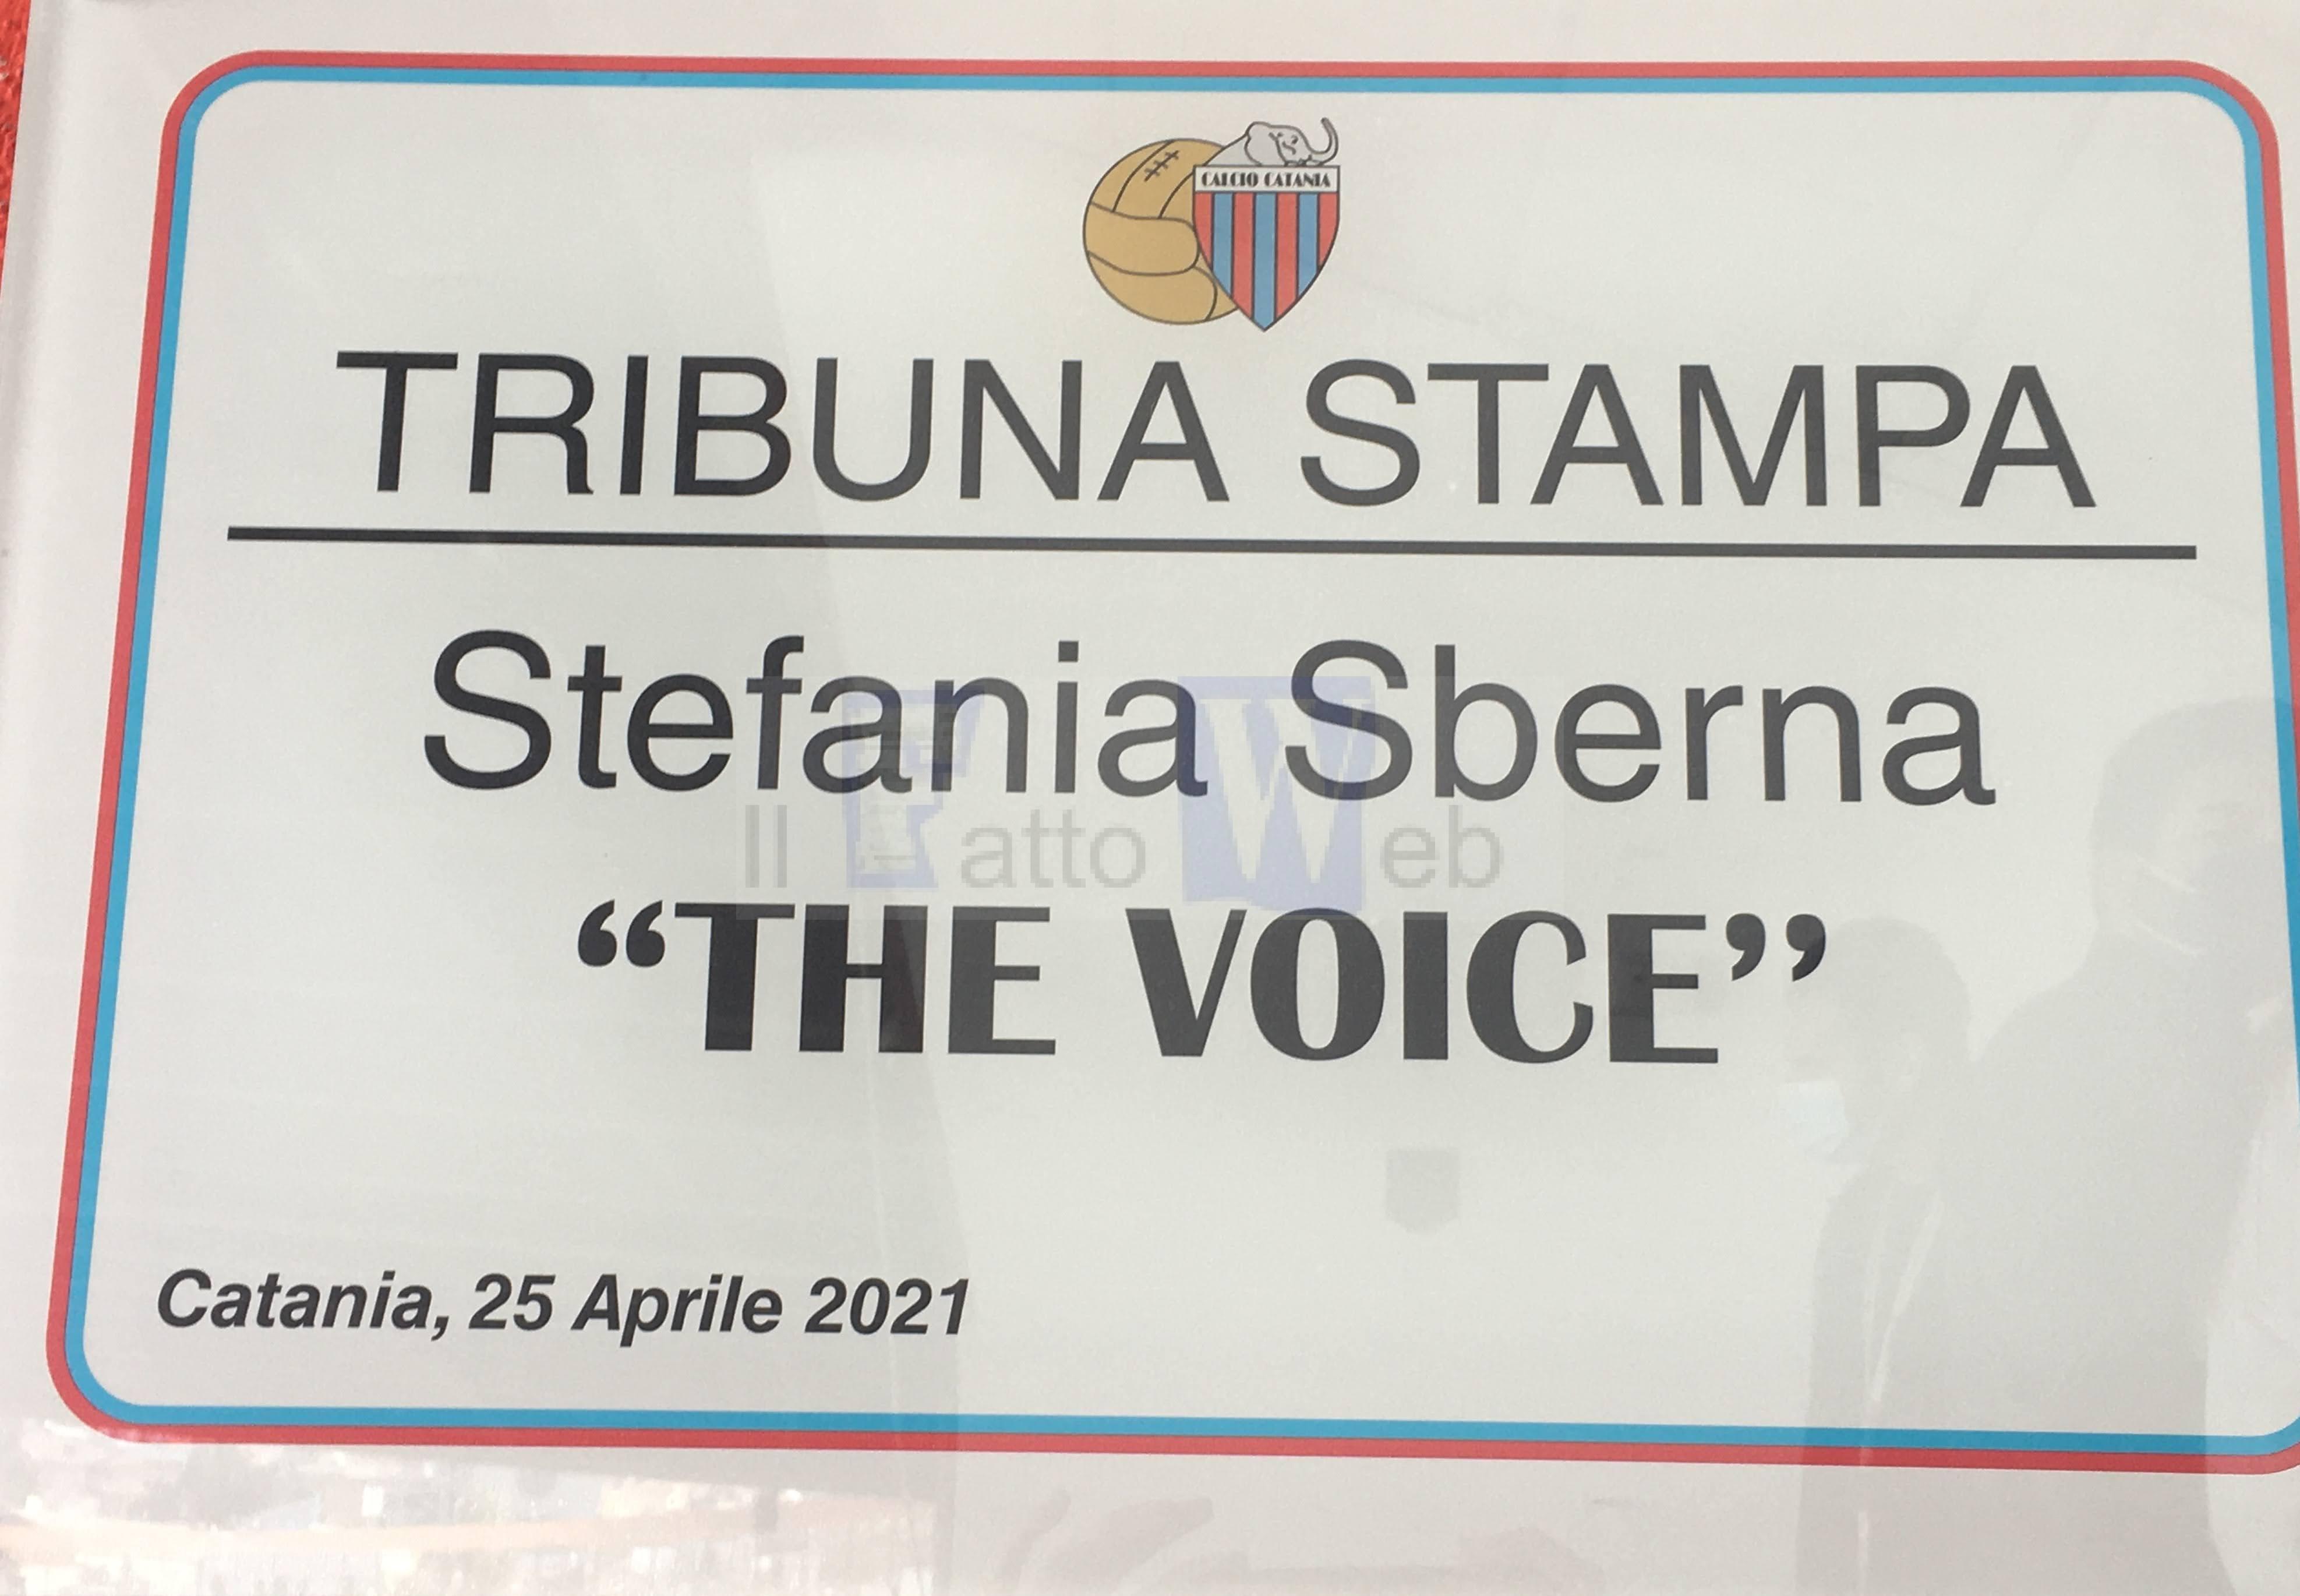 """La Tribuna Stampa dello stadio Angelo Massimino intitolata a Stefania Sberna """"The voice"""""""